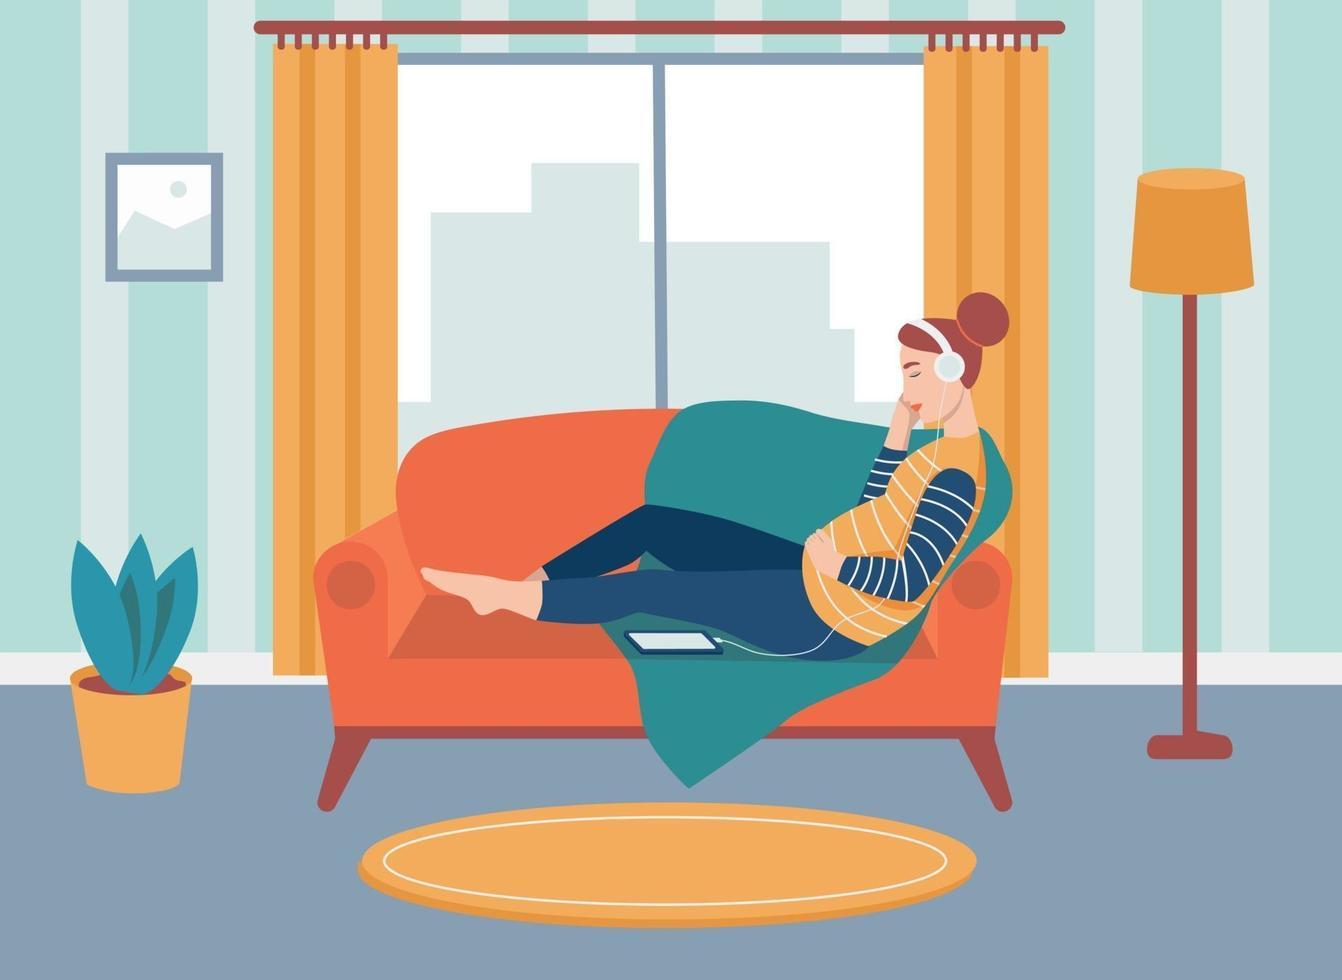 en gravid kvinna sitter i soffan och lyssnar på musik med hörlurar. begreppet vardagliga aktiviteter och vardag. platt tecknad illustration. vektor